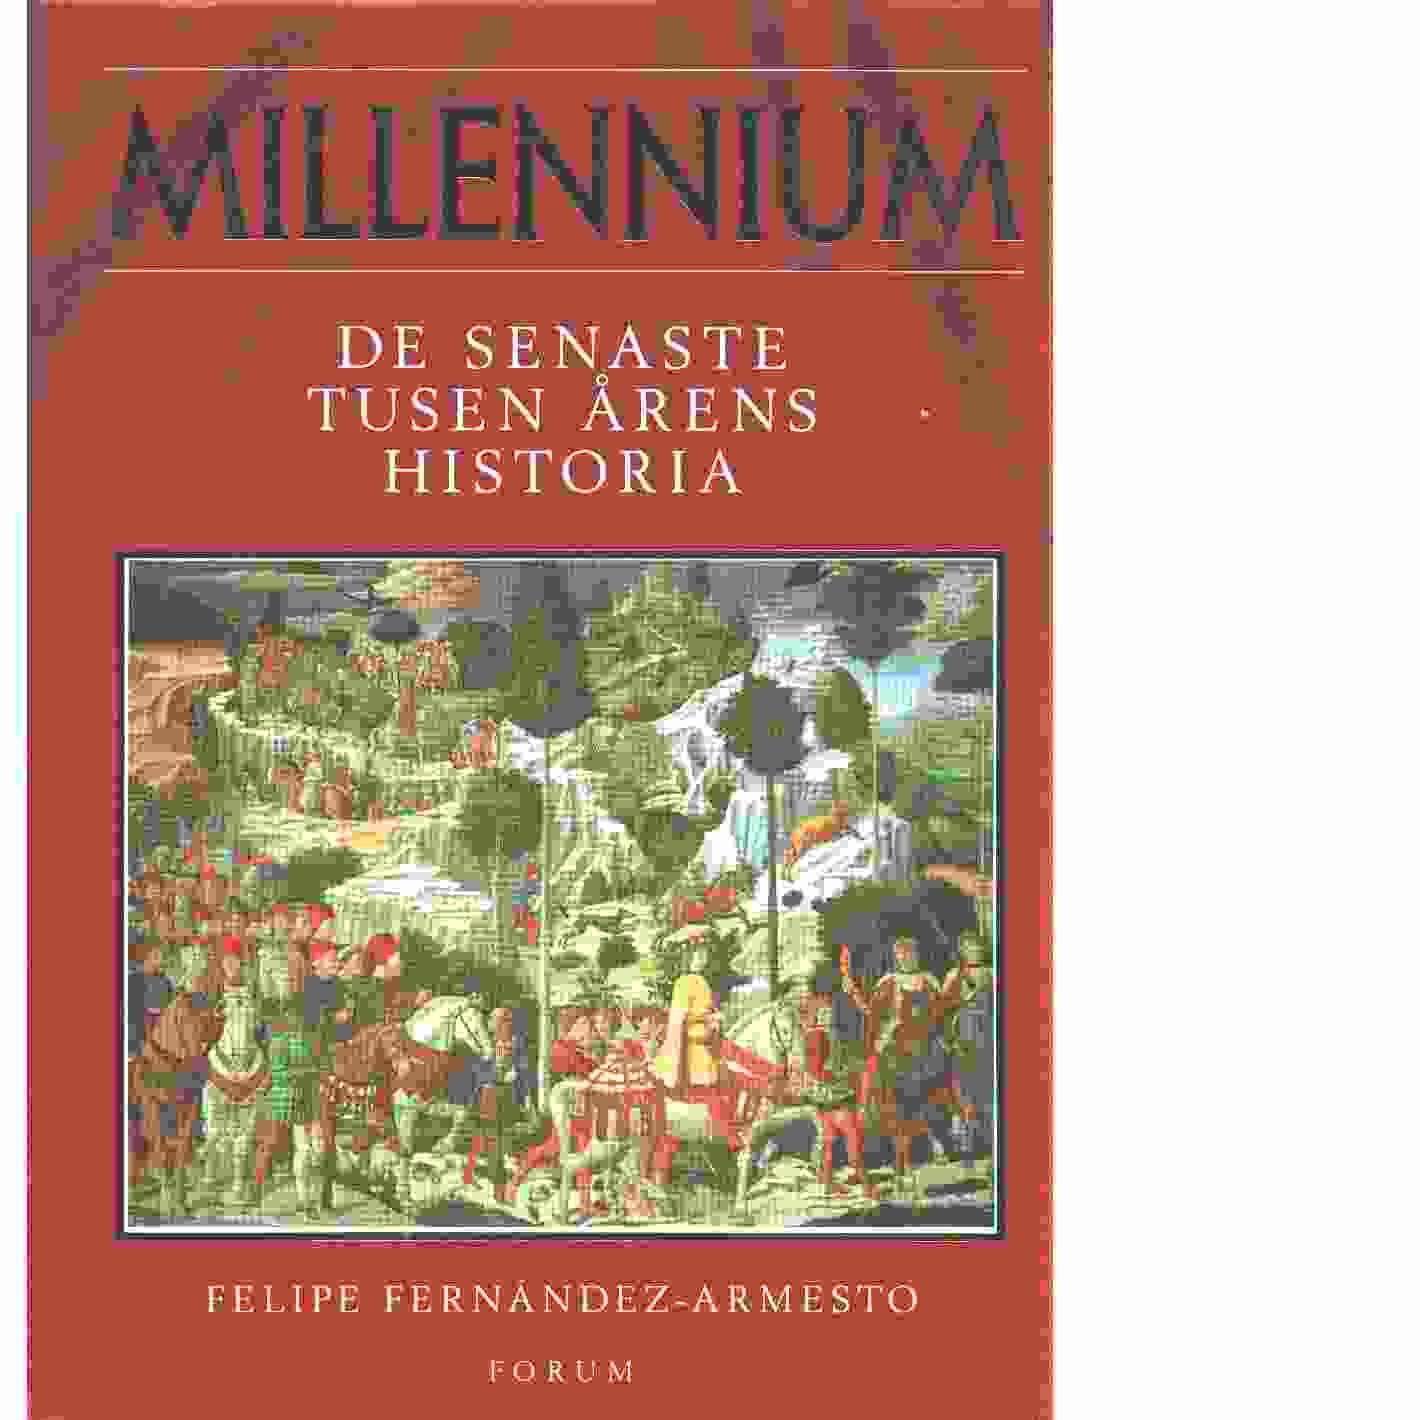 Millennium : [de senaste tusen årens historia] - Fernández-Armesto, Felipe